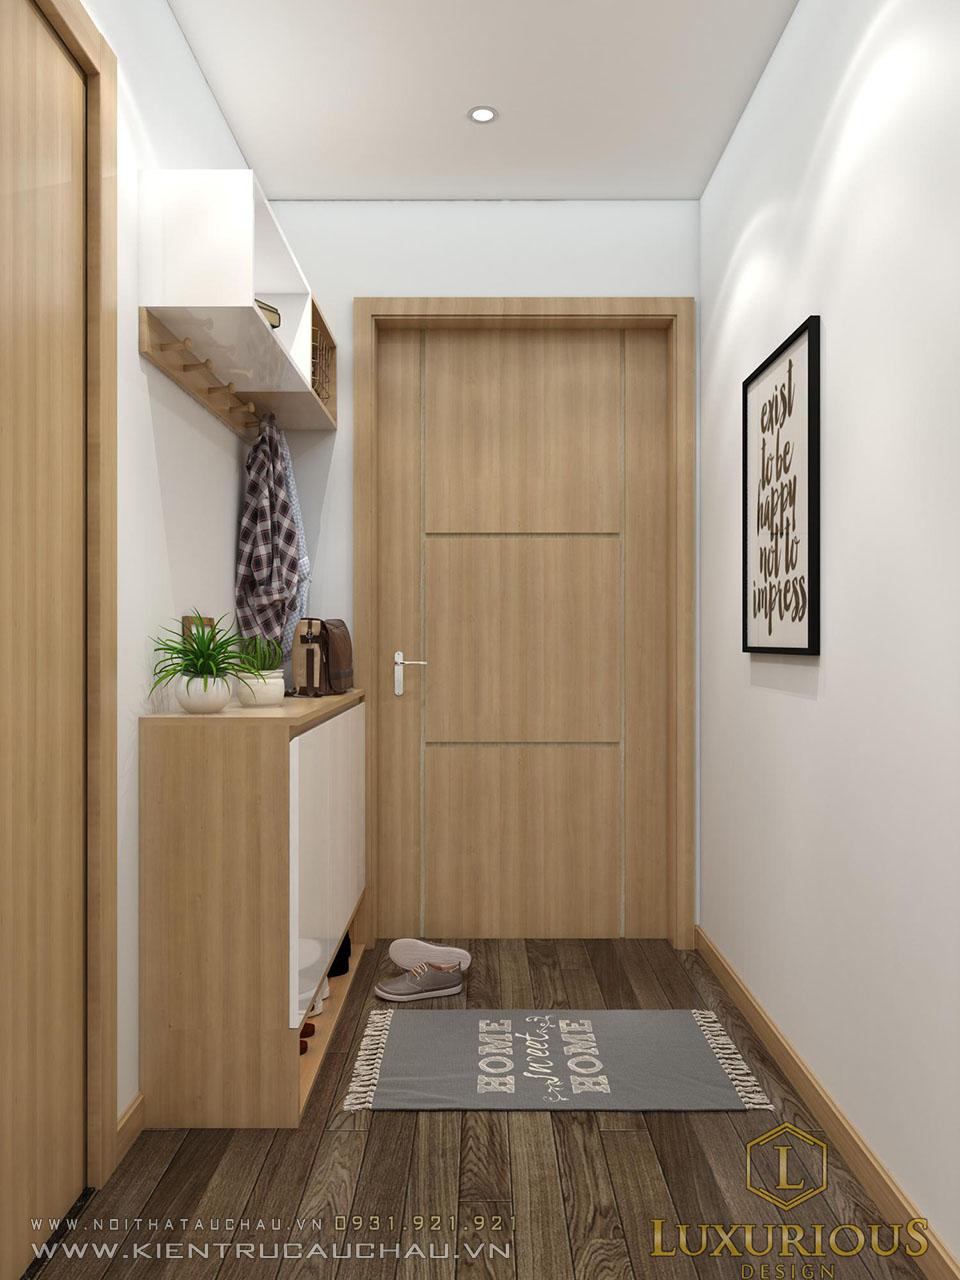 Mẫu thiết kế căn hộ chung cư Sky Central